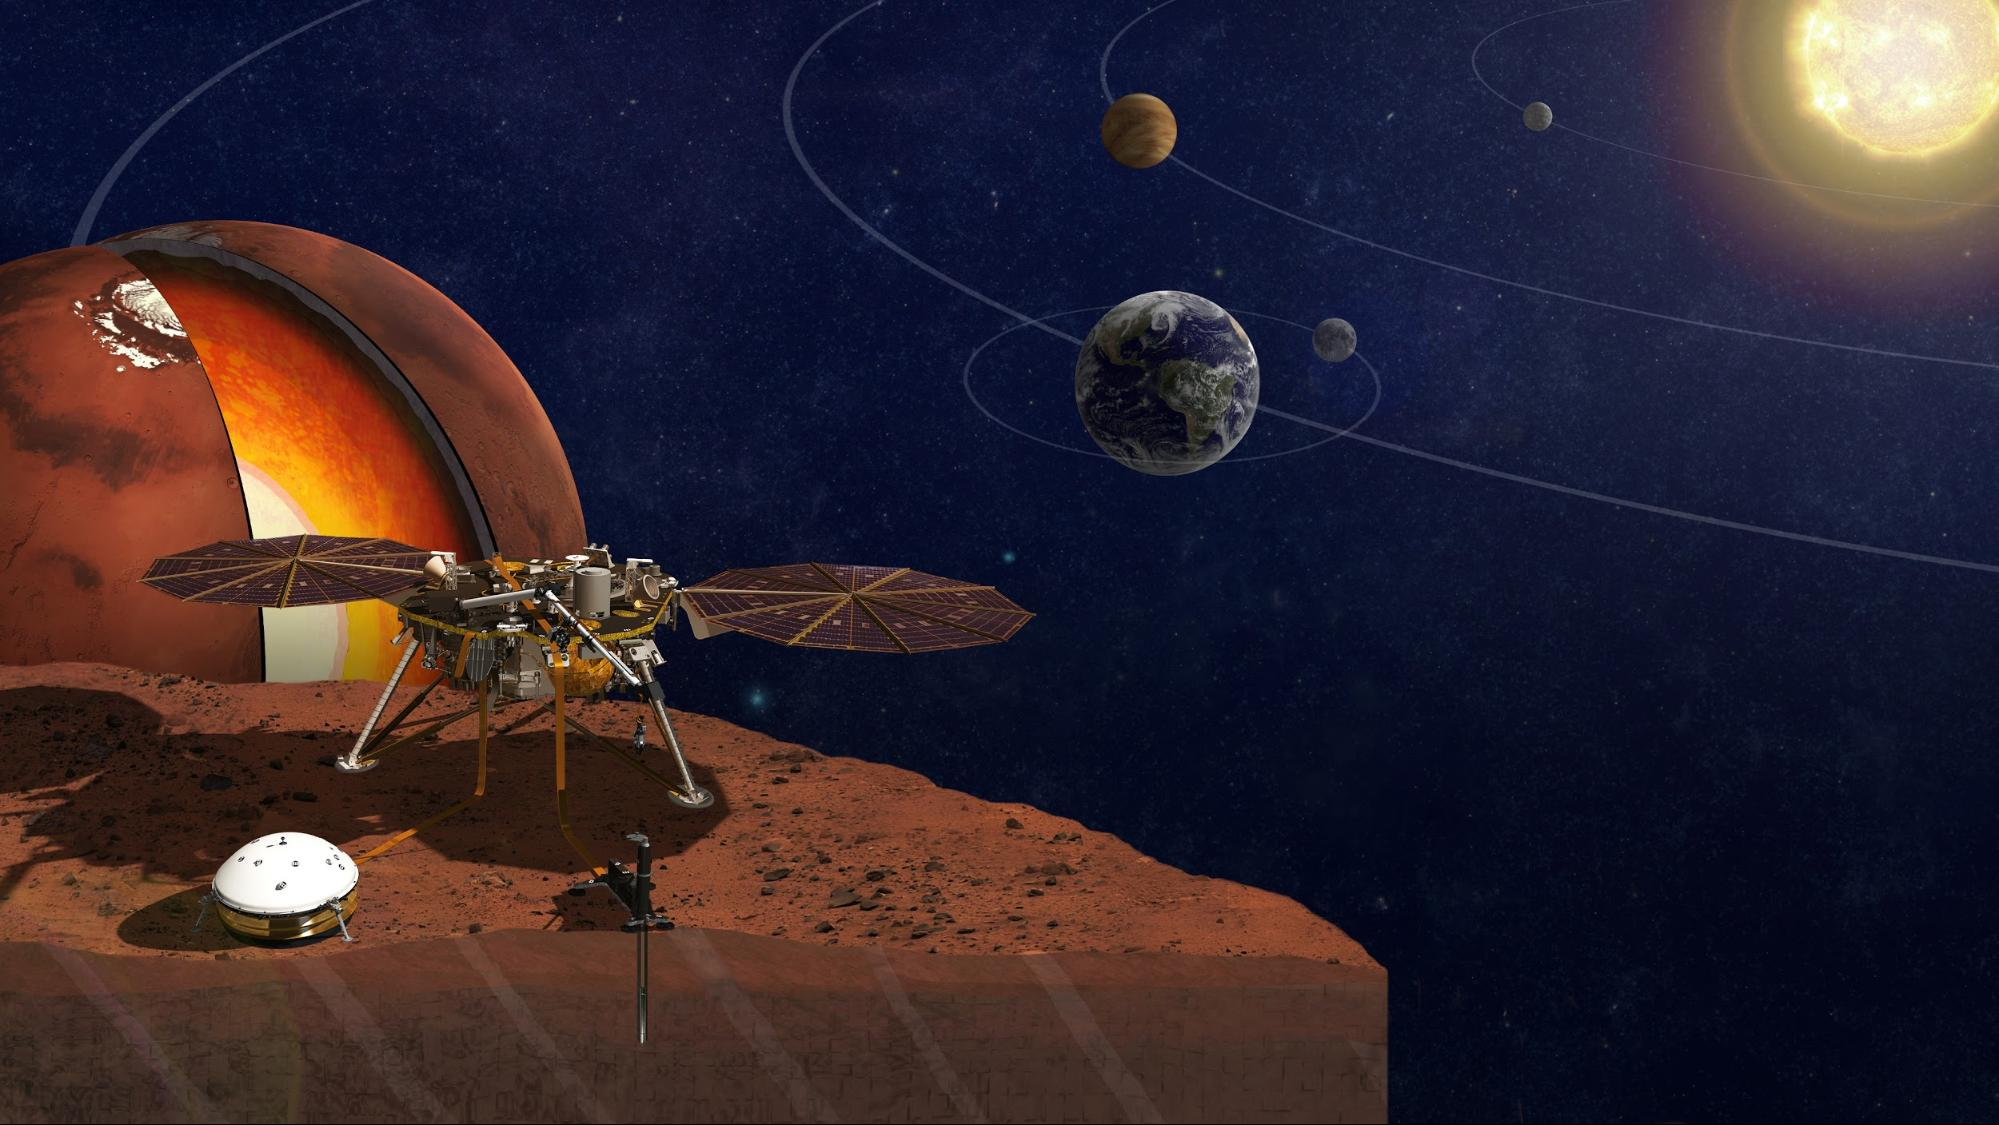 intro-image-landing.jpg